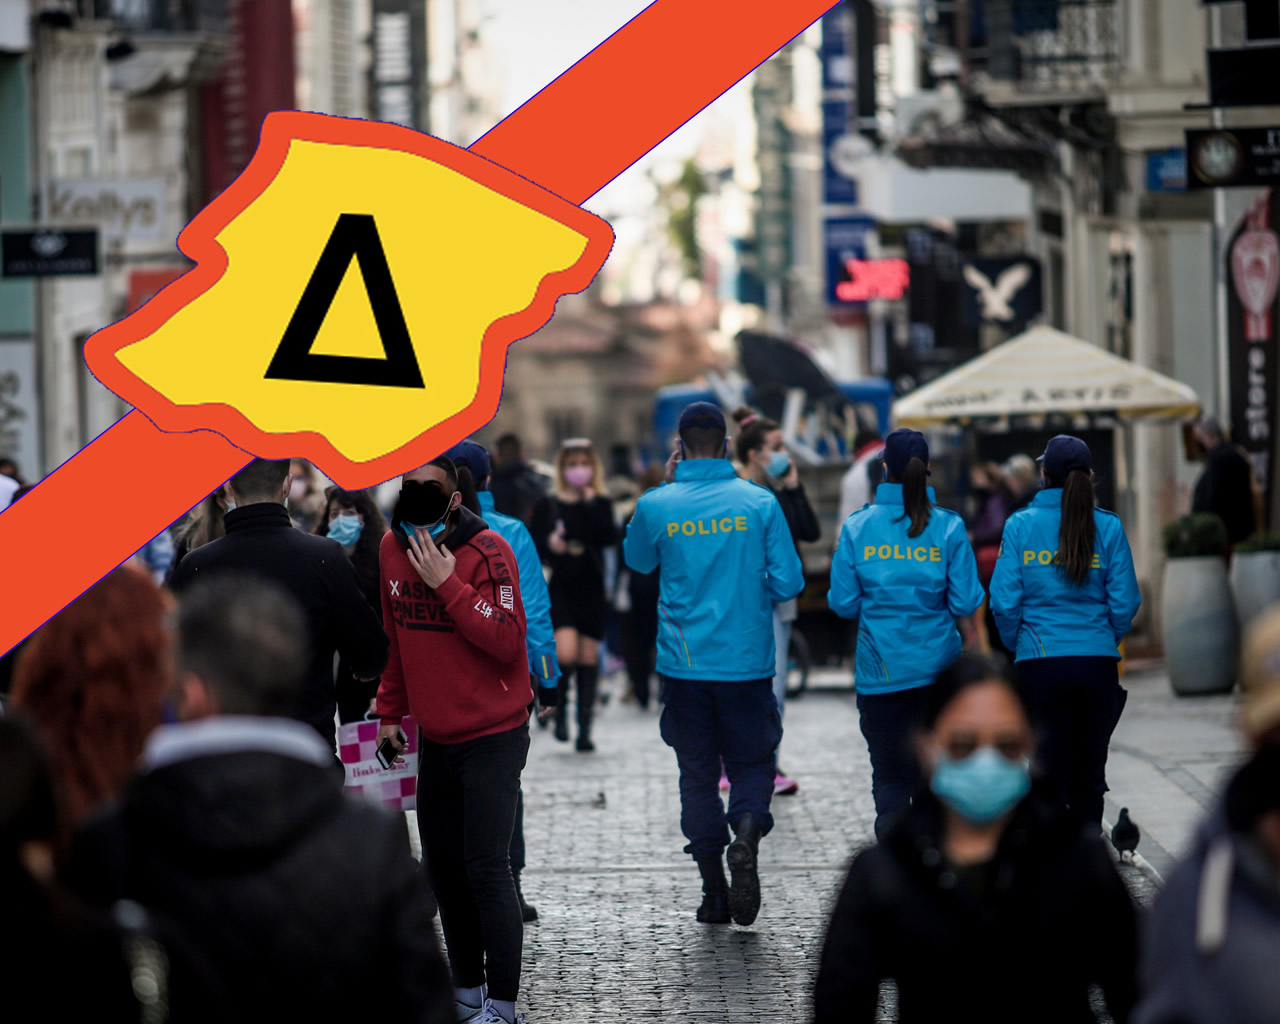 Πρόταση για Mόνα-Ζυγά! Με ΔΑΚΤΥΛΙΟ στον κόσμο θέλουν να κλείσουν την Αττική-Διαβάστε να φρίξετε!